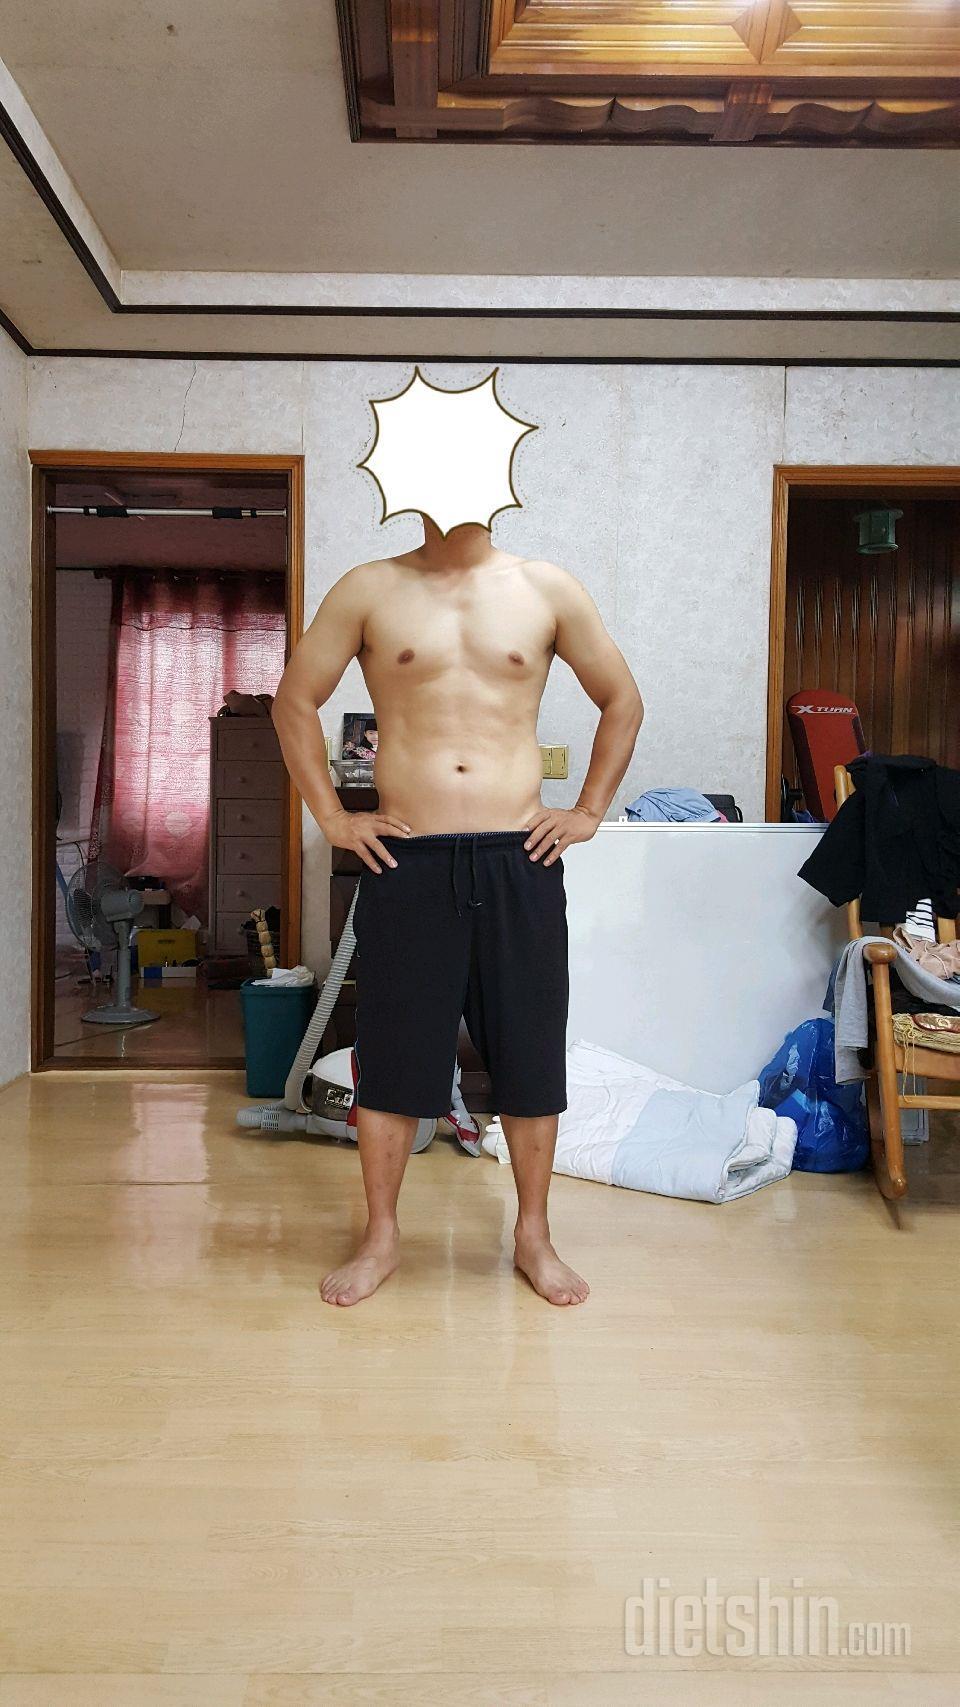 제가 뚱뚱한가요??